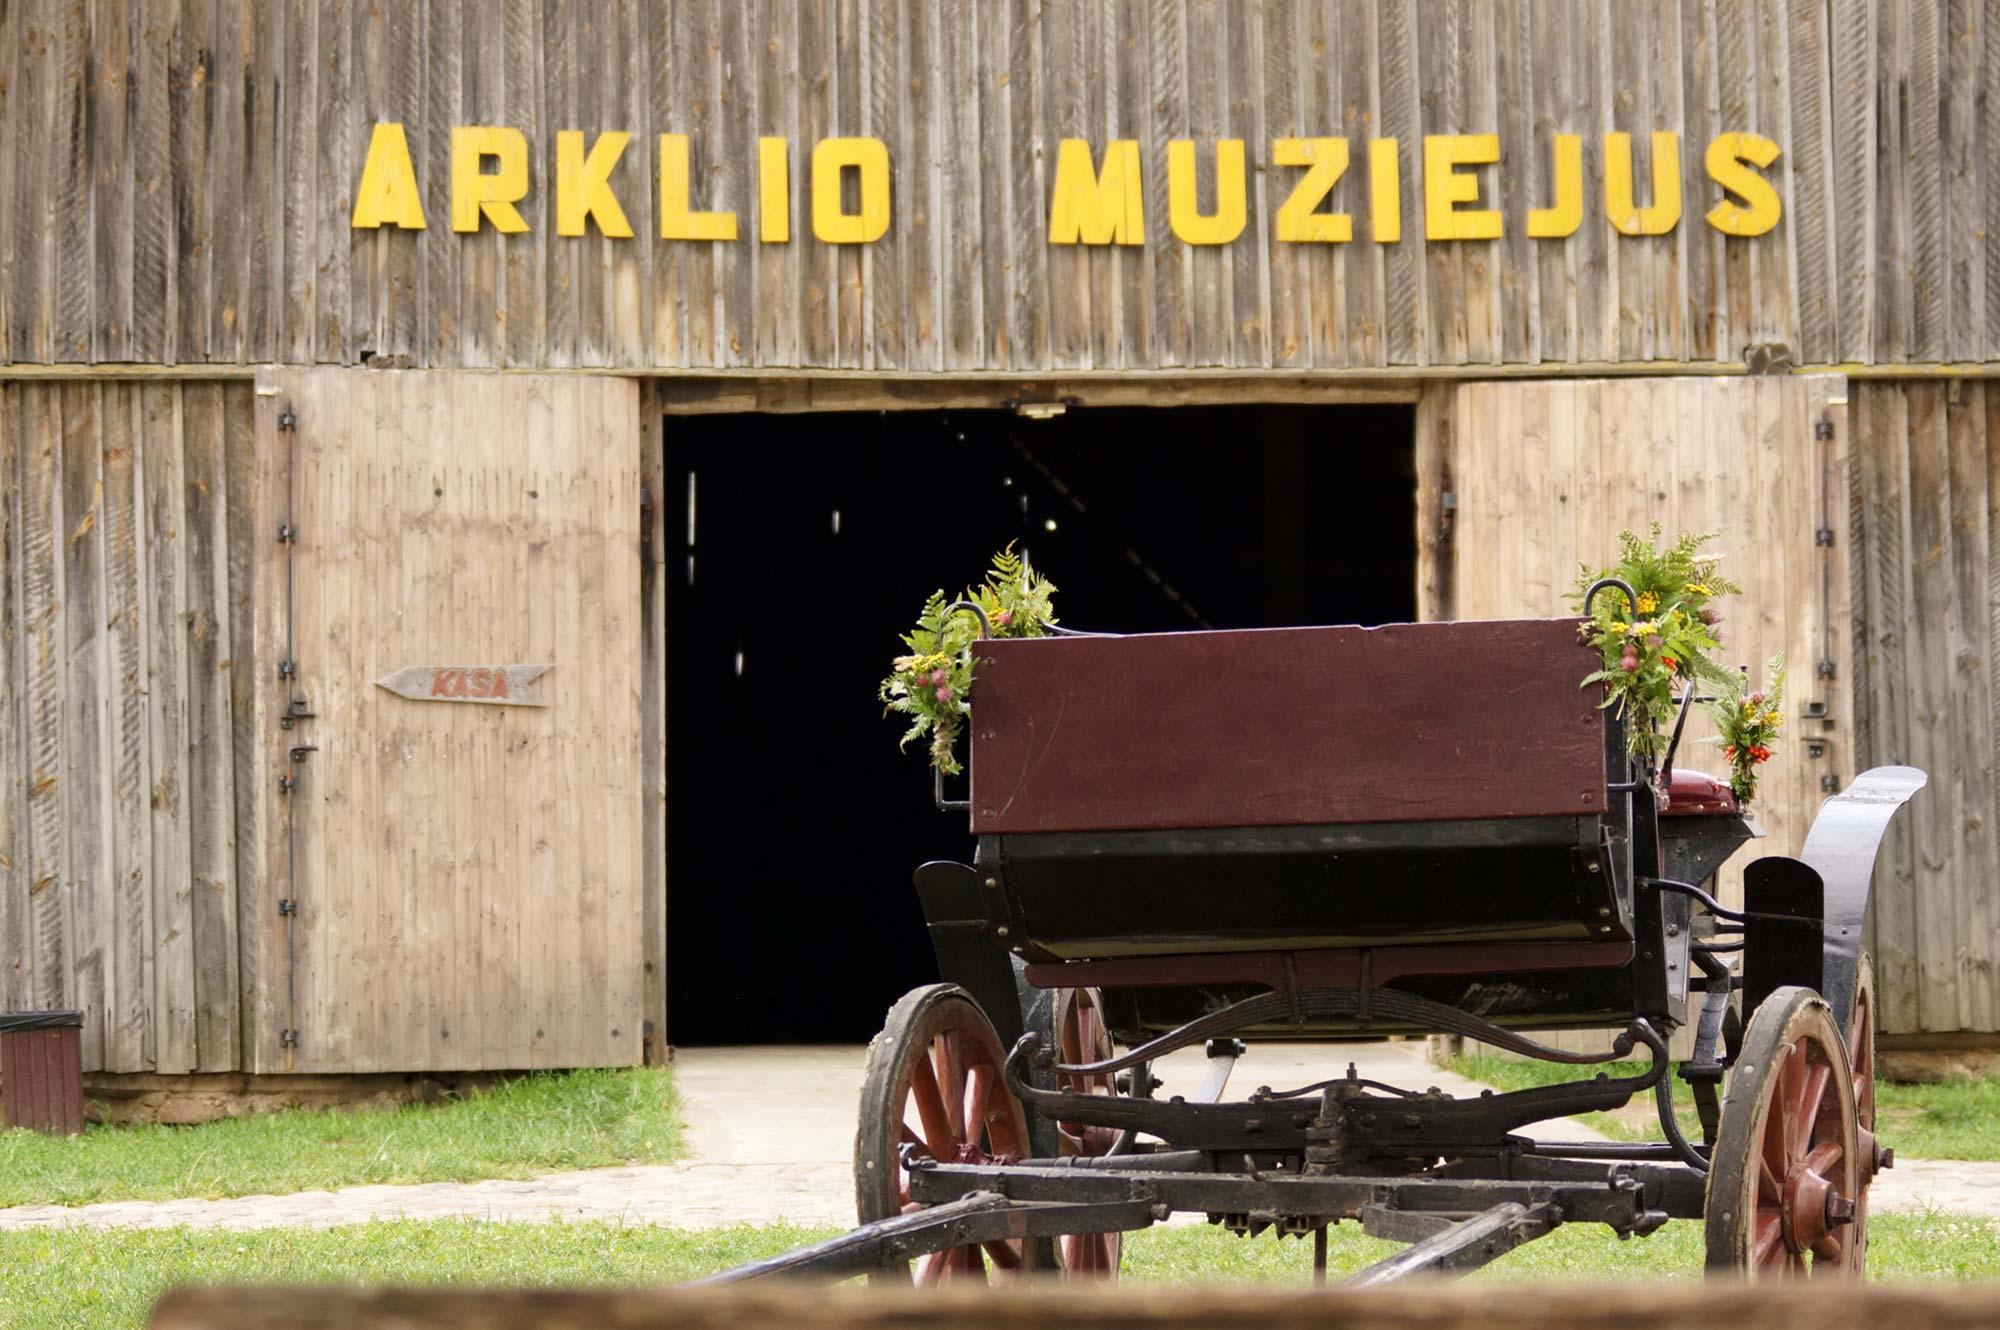 Arklio muziejus (Anykščiai)